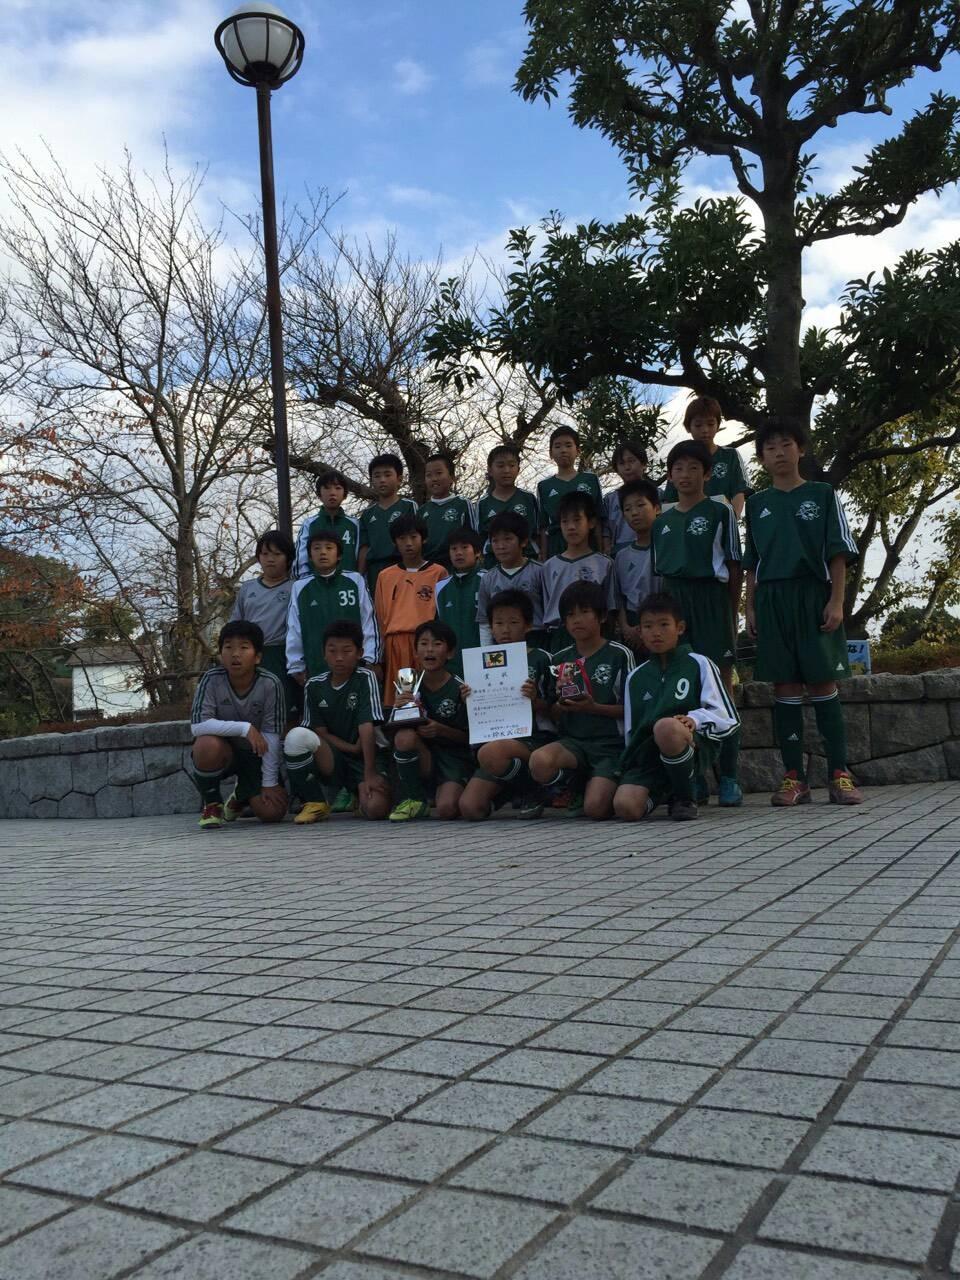 チャンピオンズカップ 決勝 U-11(5年生)